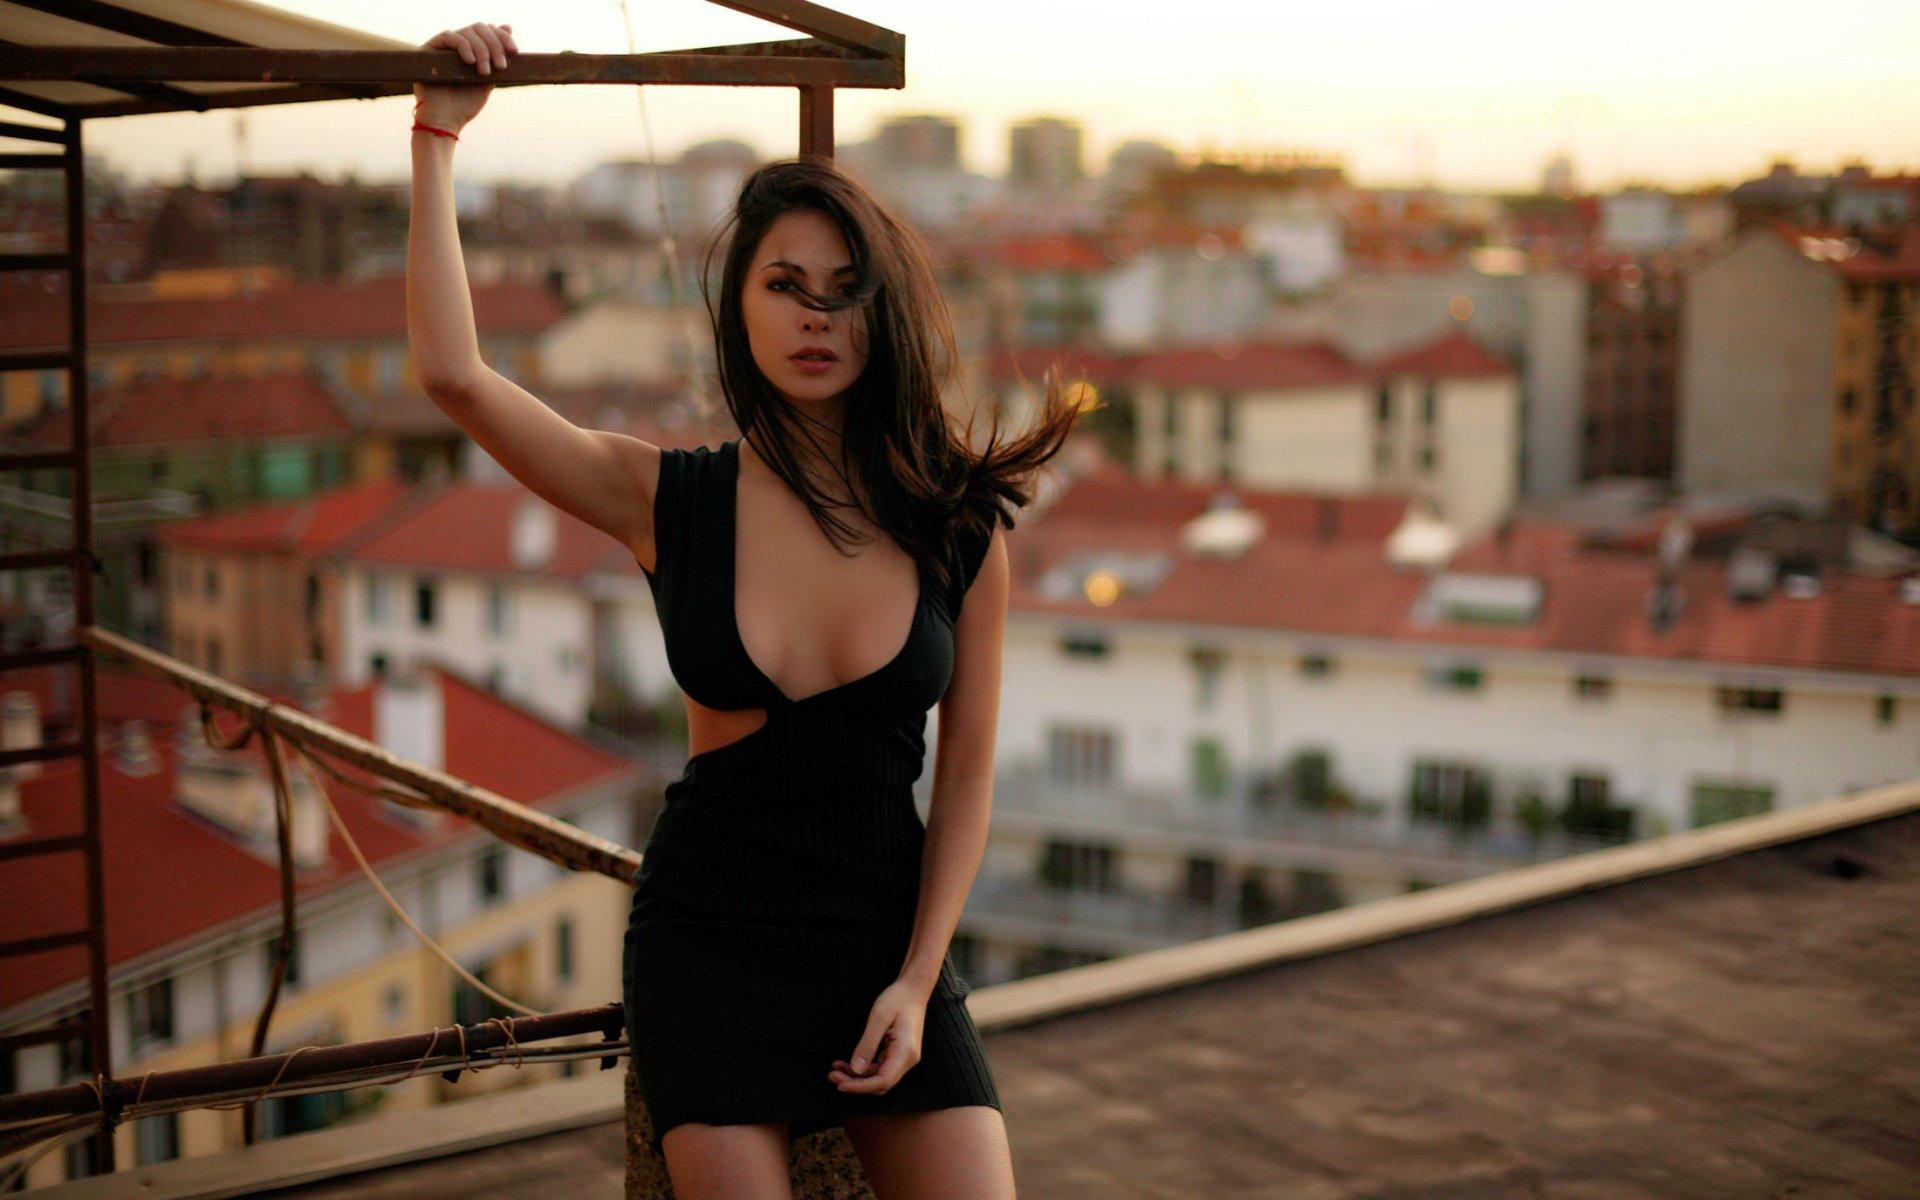 для русский клип женщина на крыше скинами которые получили